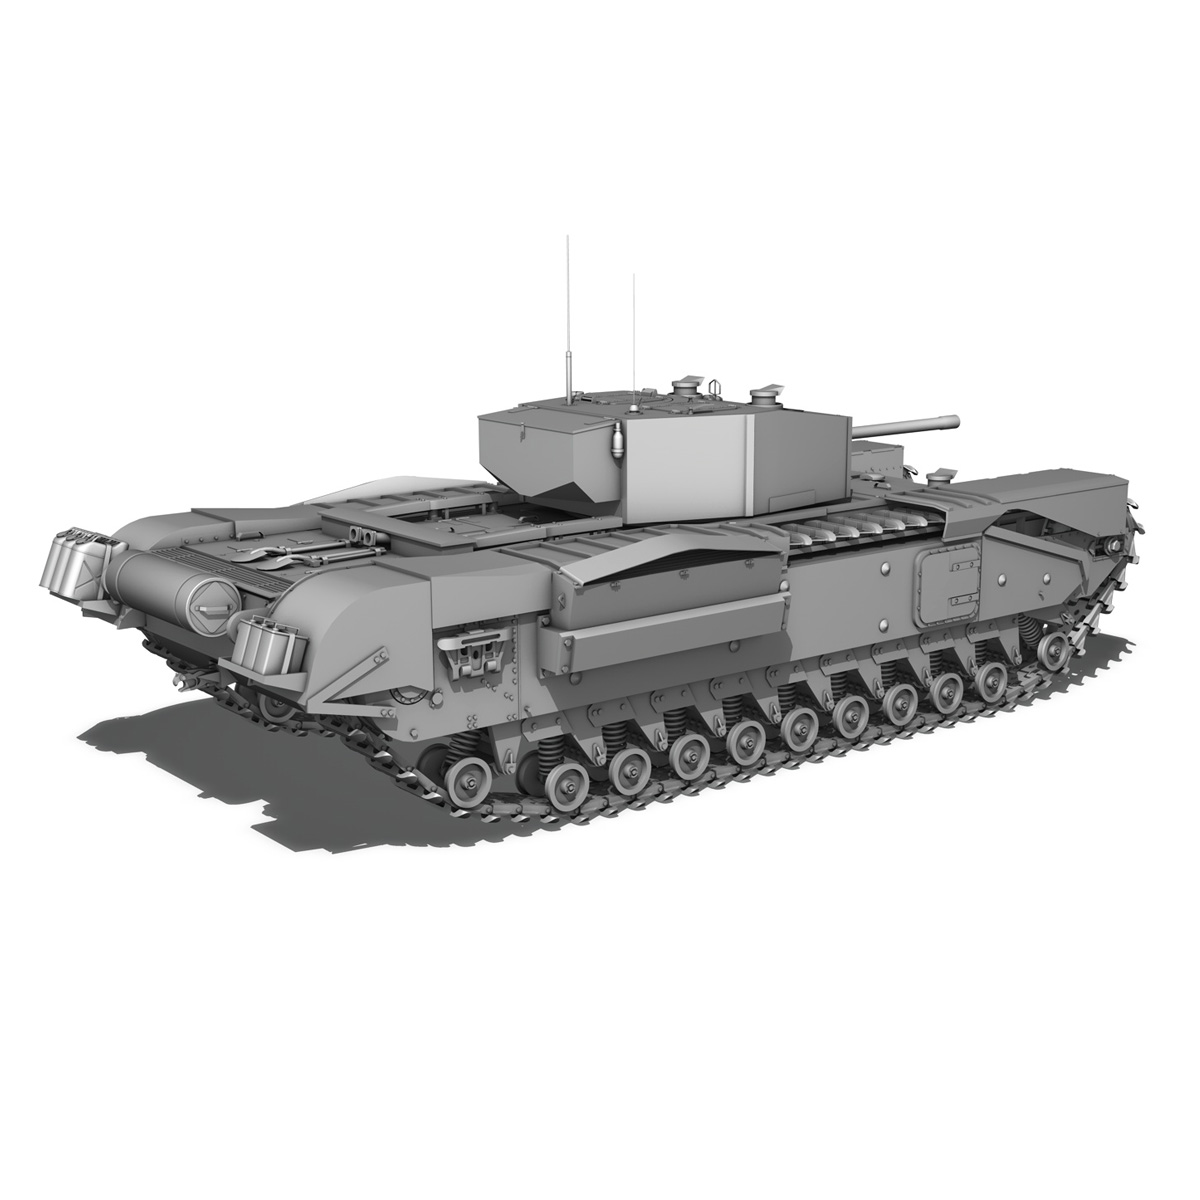 churchill infantry tank mk.iii 3d model 3ds fbx c4d lwo obj 271967